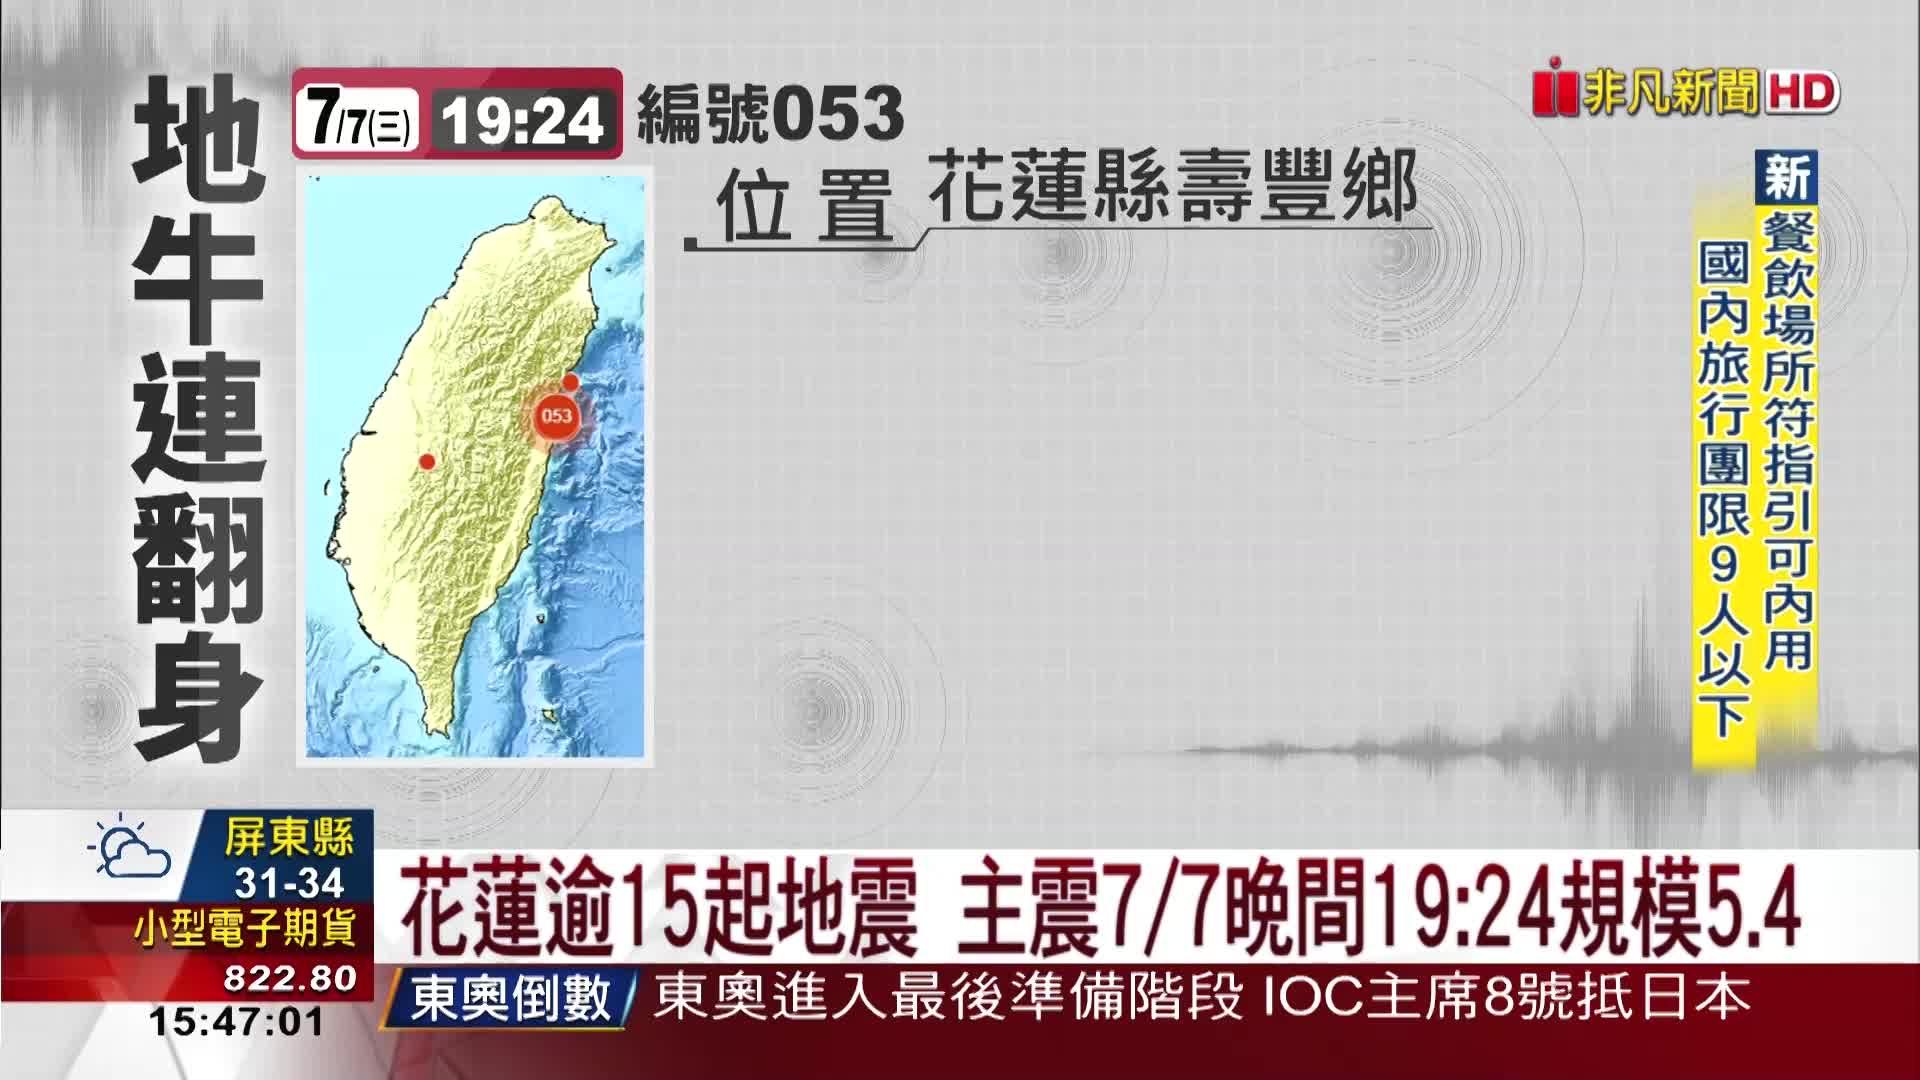 花蓮逾15起地震 主震7/7晚間19:24規模5.4